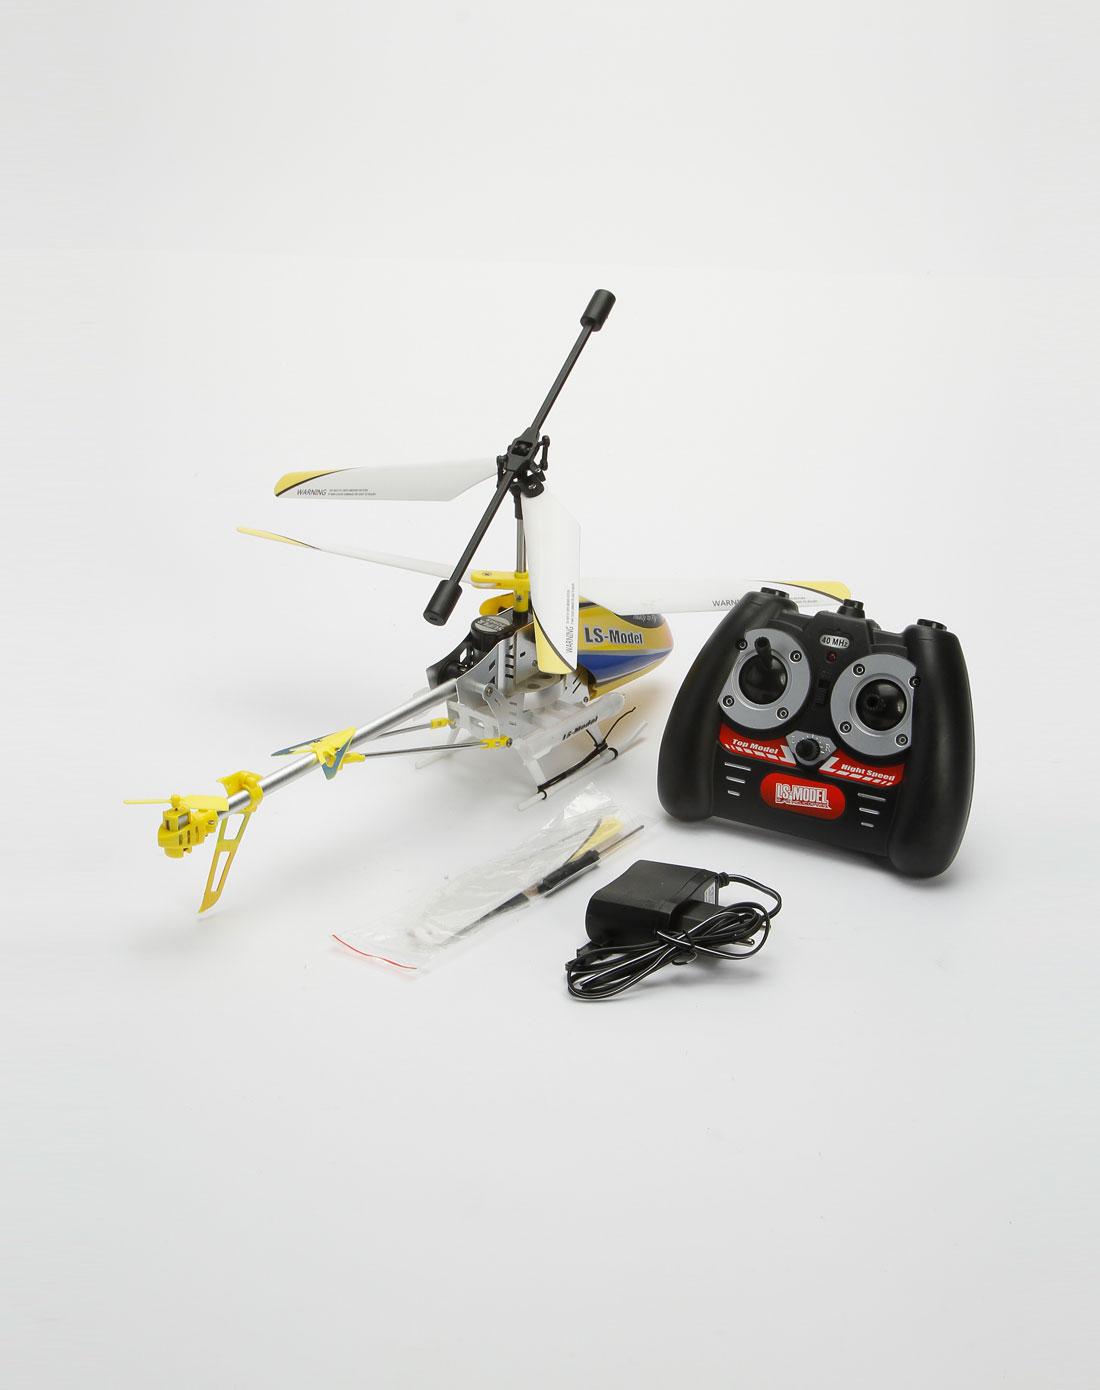 遥控玩具专场-黄/白/黑色遥控直升飞机